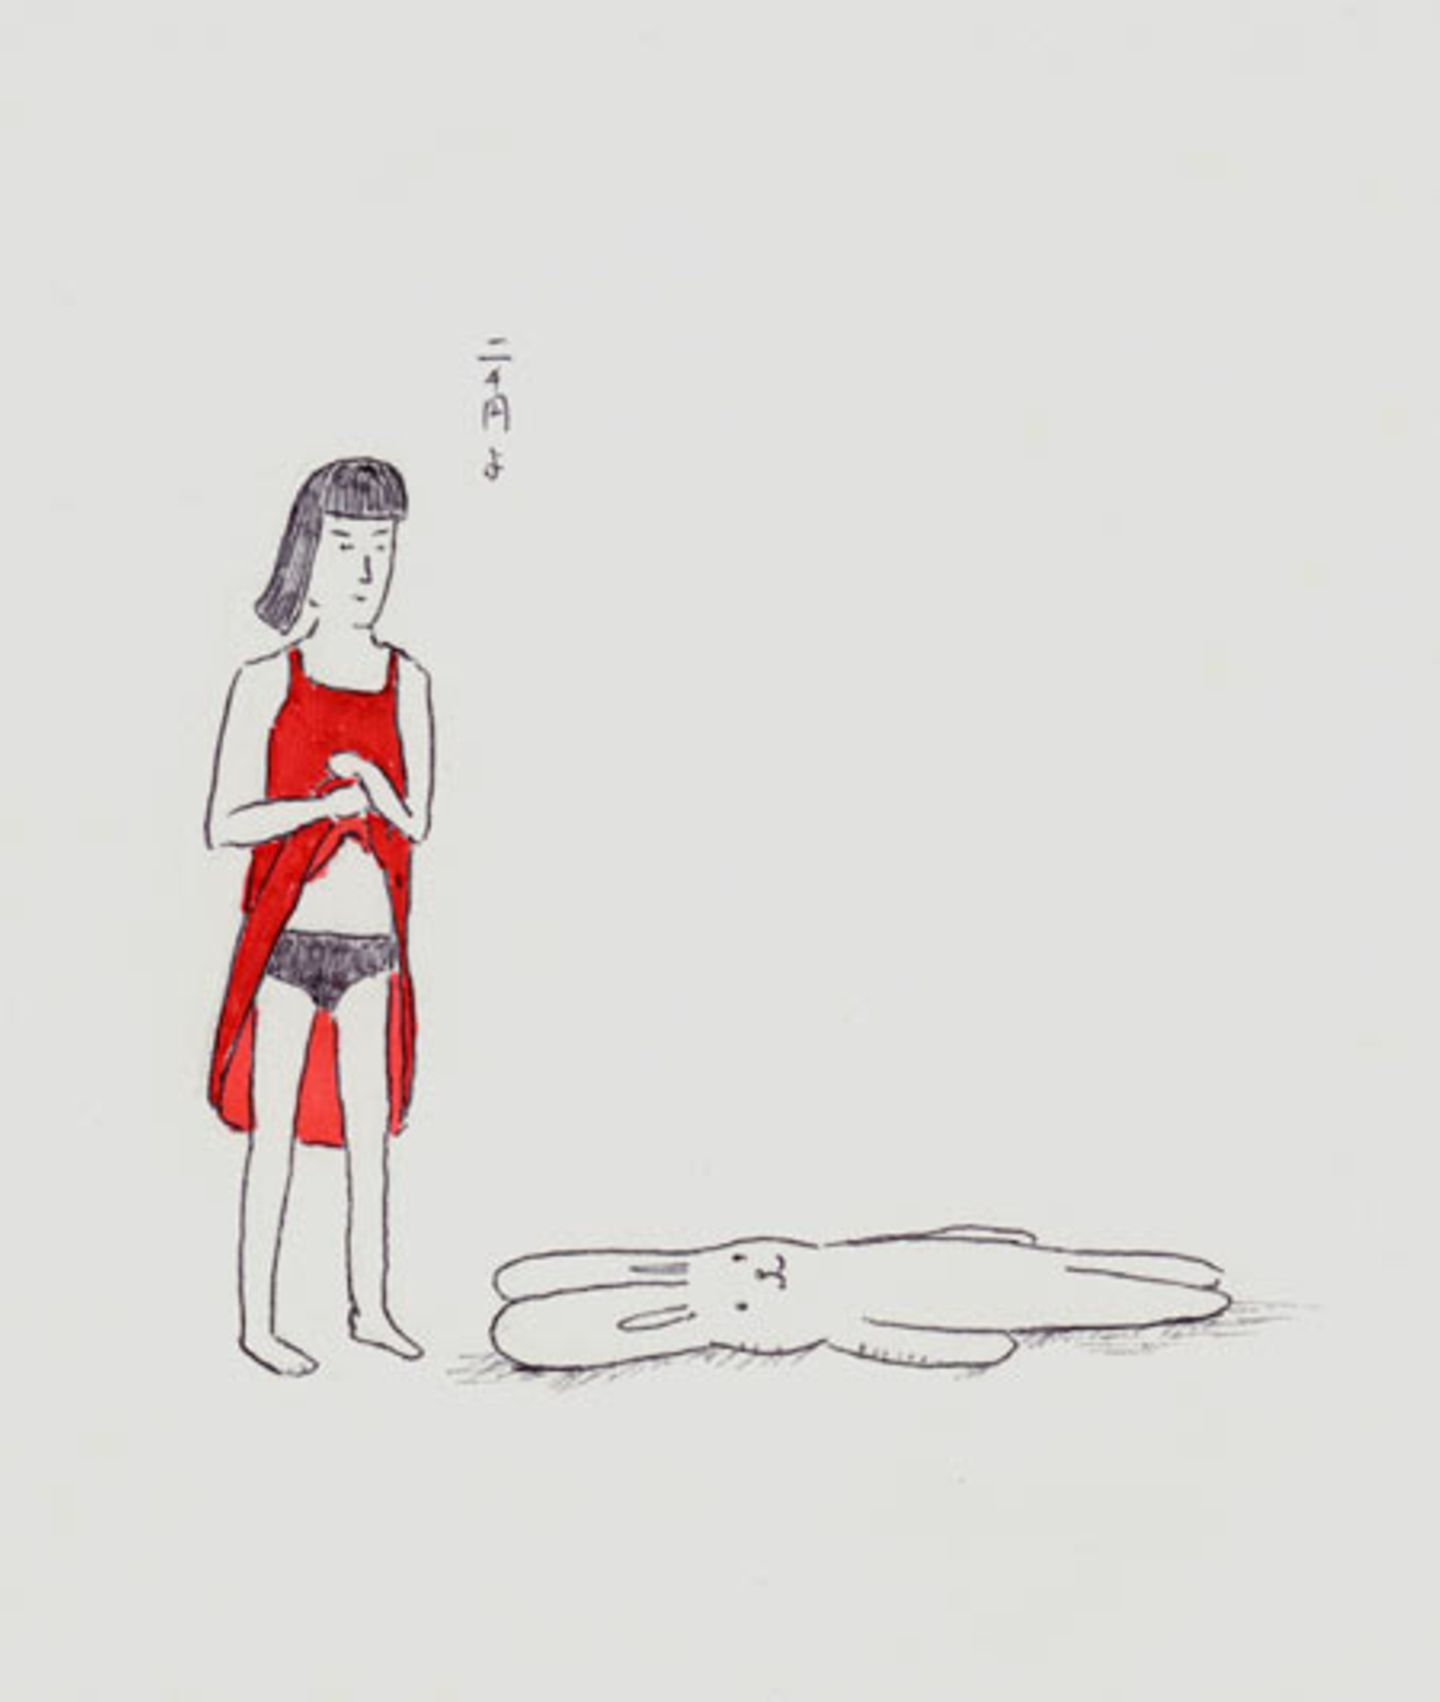 Atsushi Kaga - Twenty Euro, please - 2006